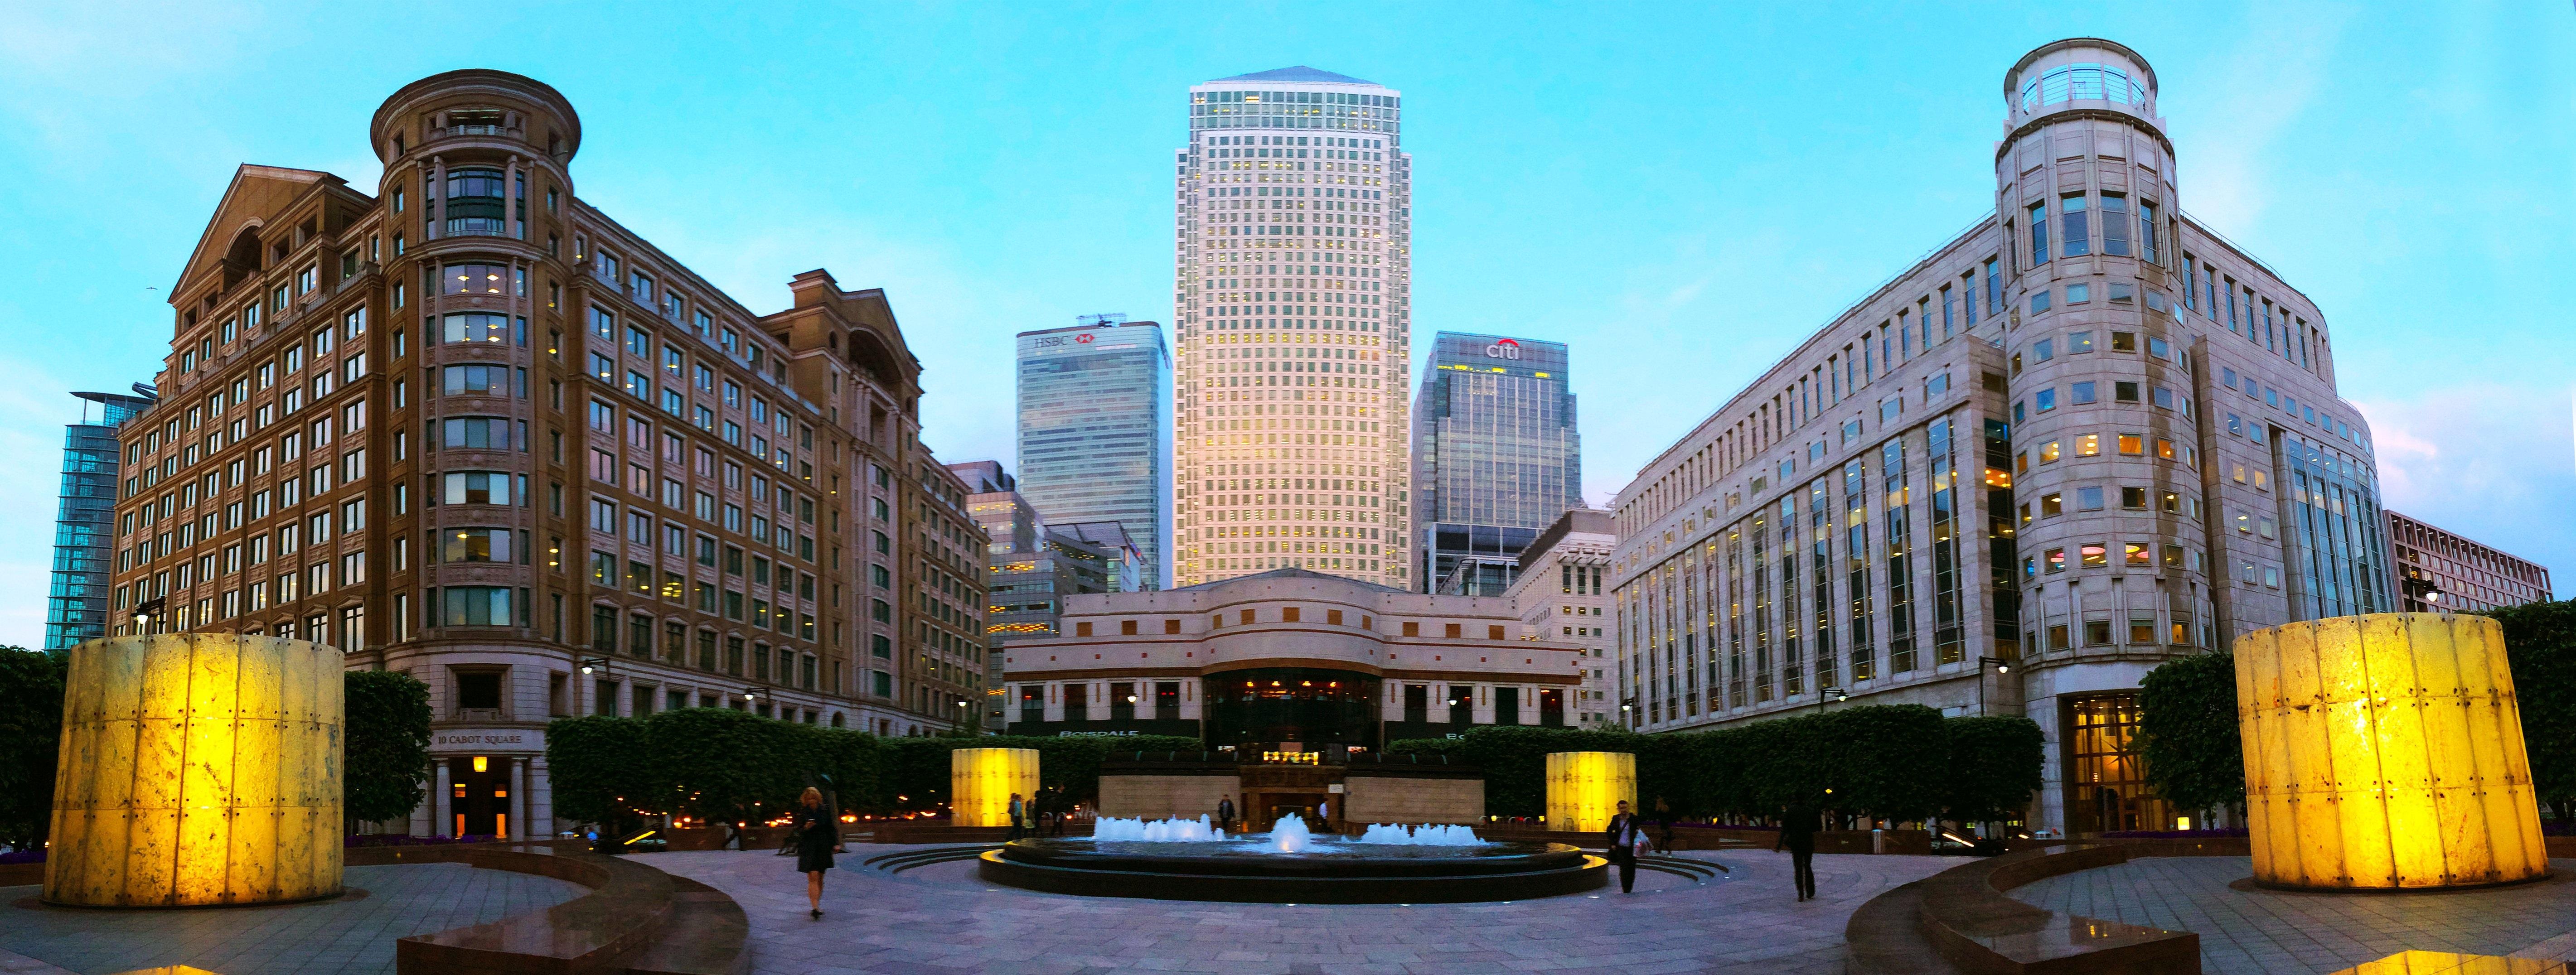 Stehlen Modern kostenlose foto die architektur gebäude stadt wolkenkratzer